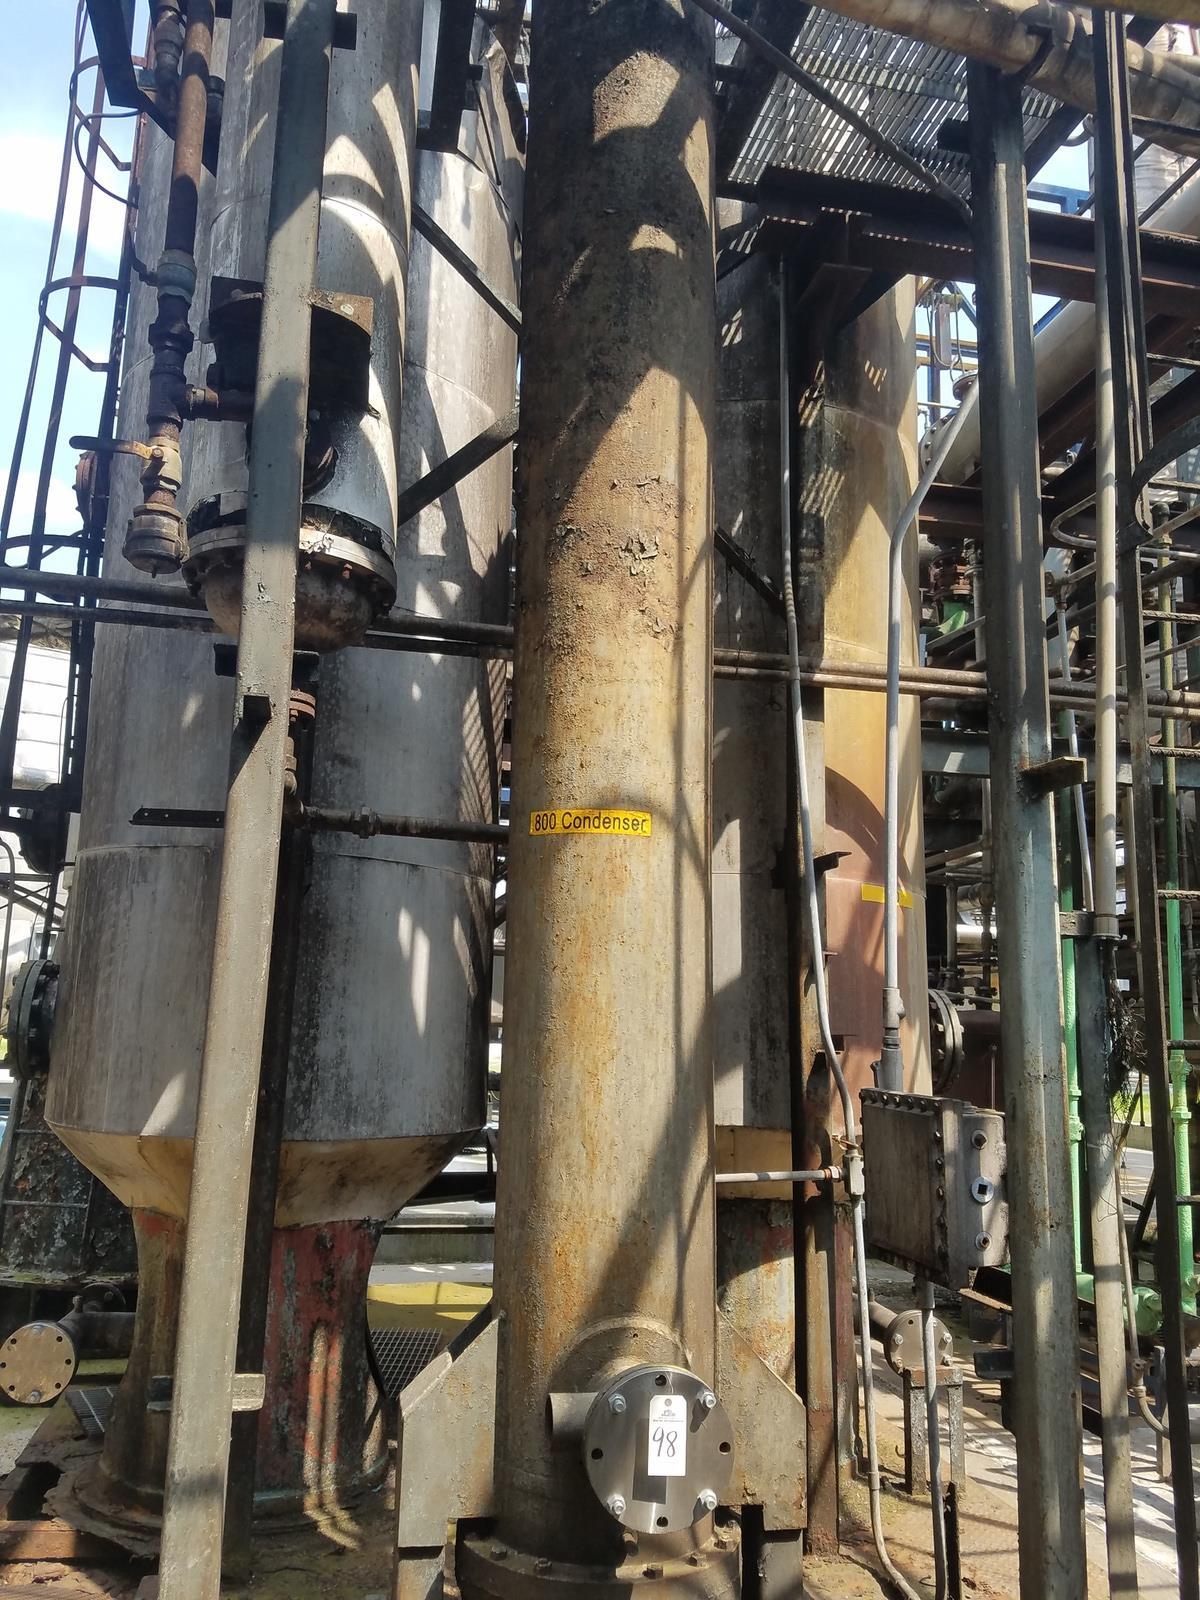 Condenser Column, (Ref. 800 Condenser)   Rig Fee: Contact Rigger